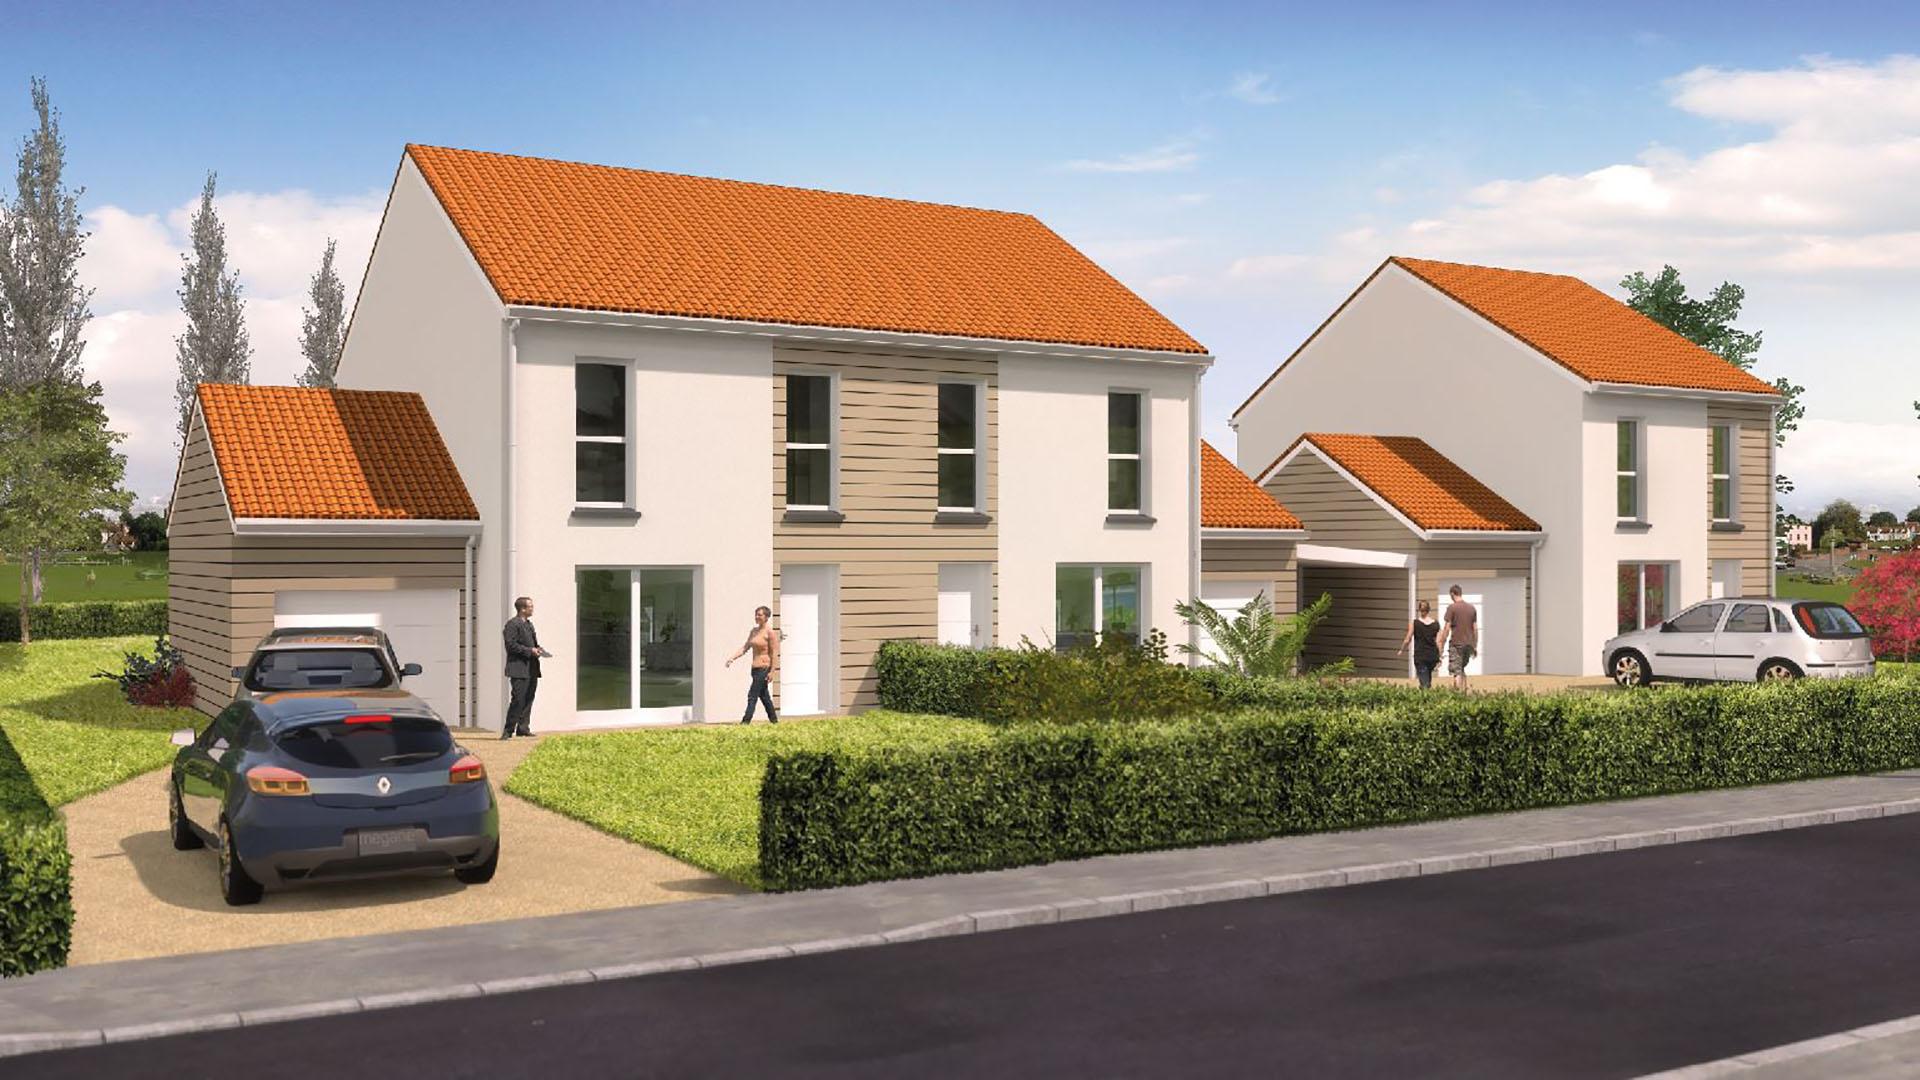 Les jardins du blosen programme immobilier neuf thann - Residence les jardins de l aqueduc montpellier ...